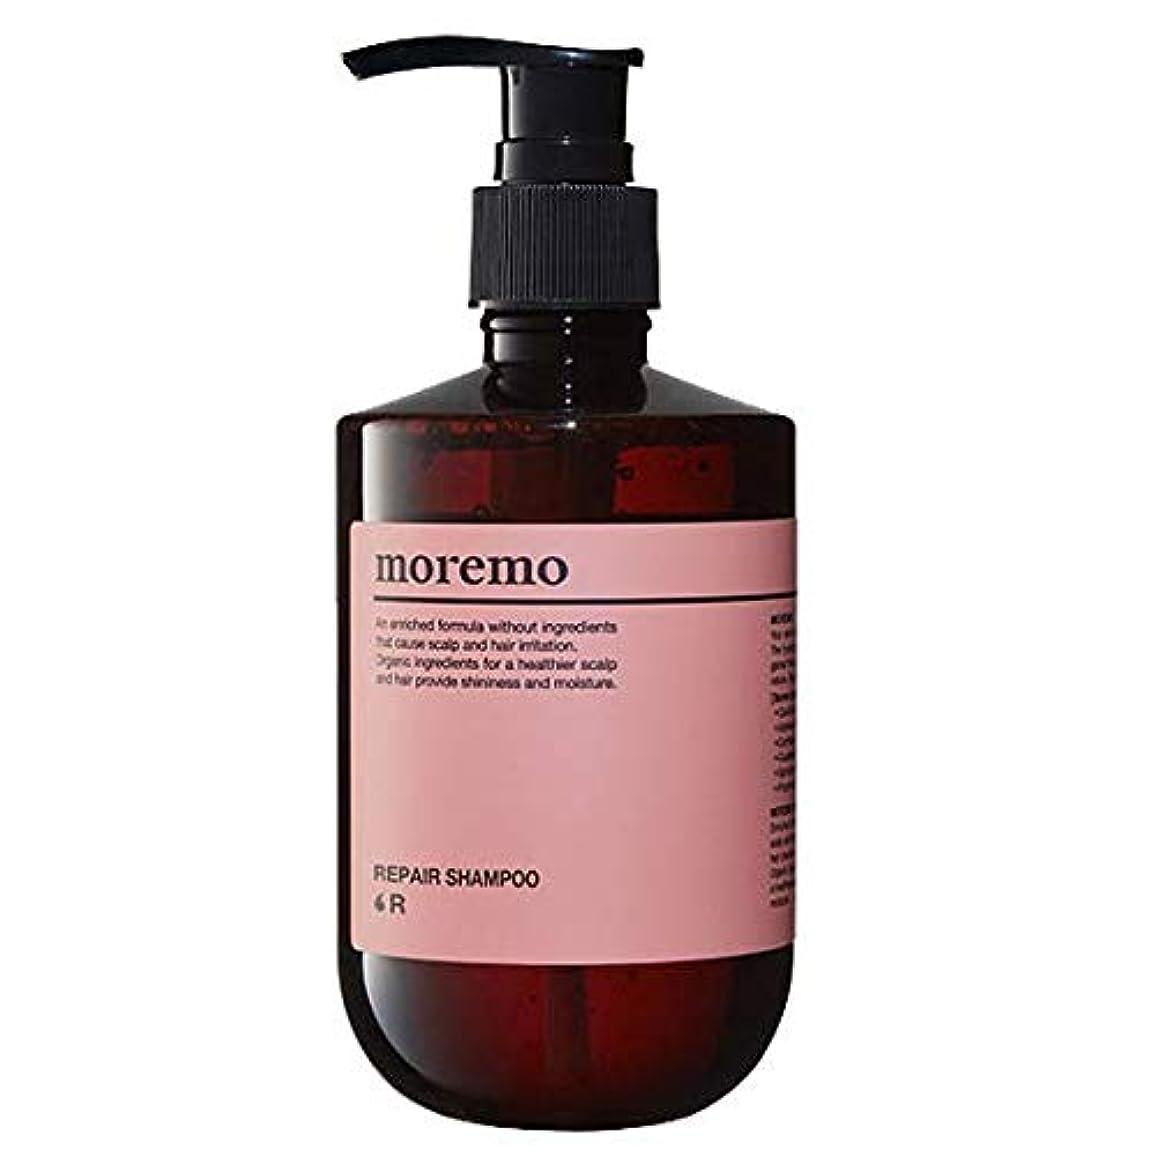 牧師性能欠席Moremo Repair Shampoo モレモ リペア シャンプー R 300ml [並行輸入品]